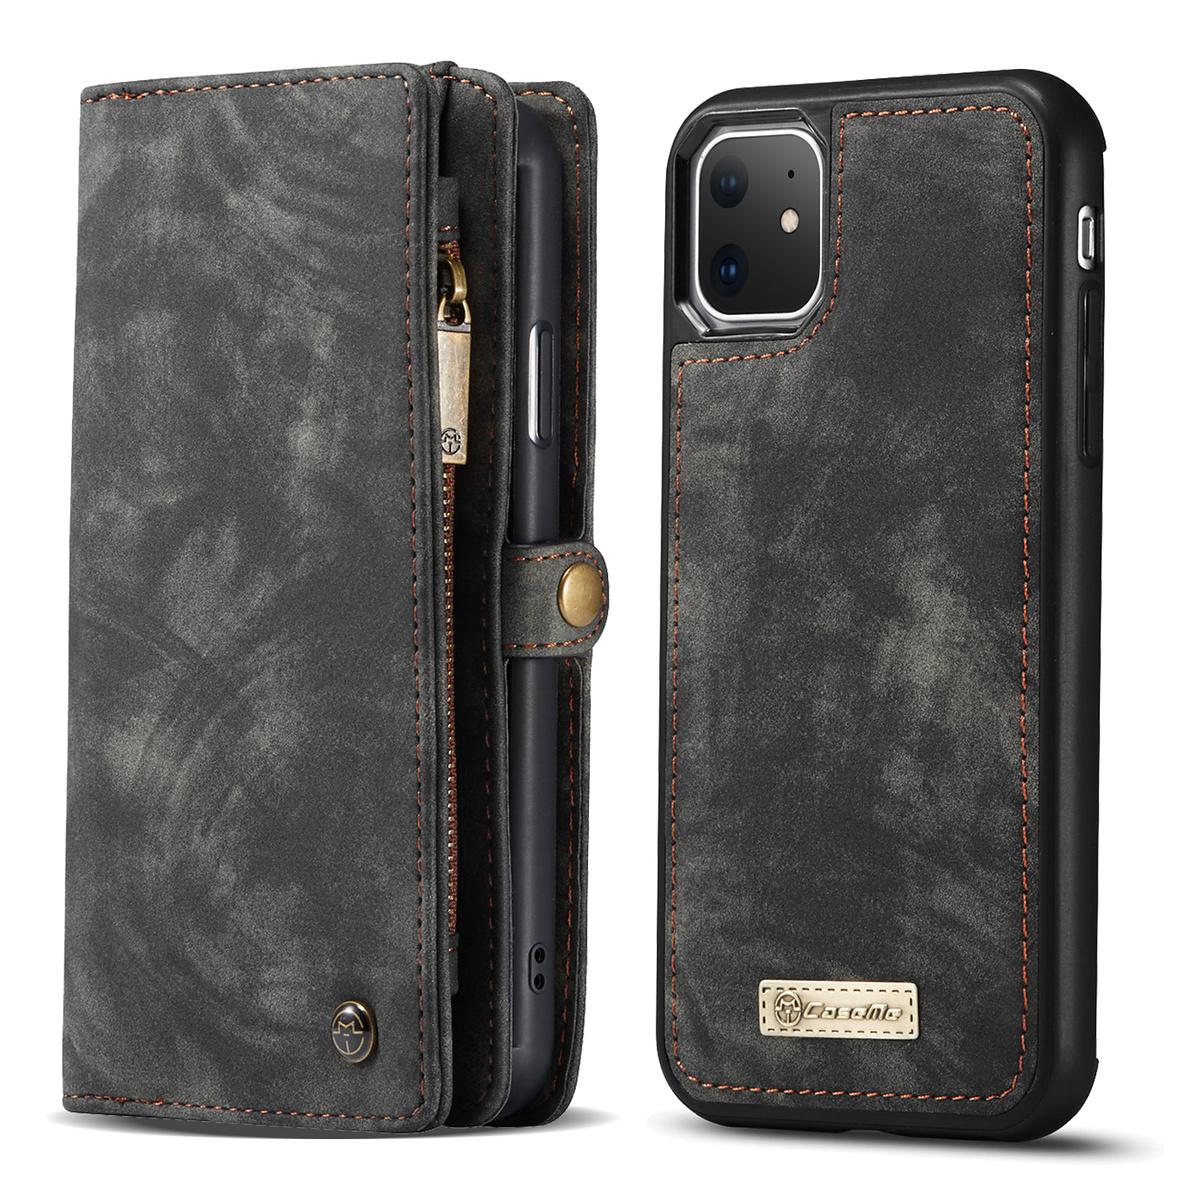 CaseMe plånboksfodral med magnetskal, iPhone 11, svart